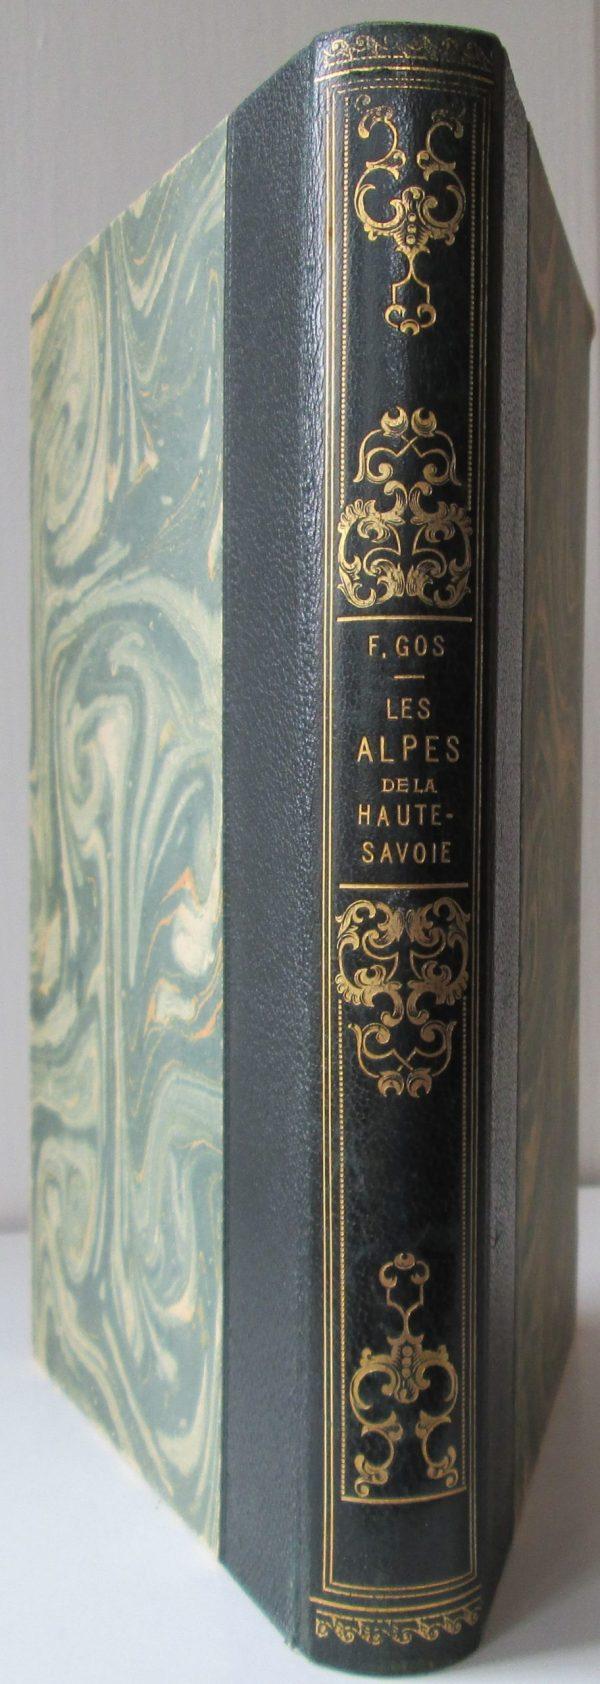 Alpes Haute-Savoie